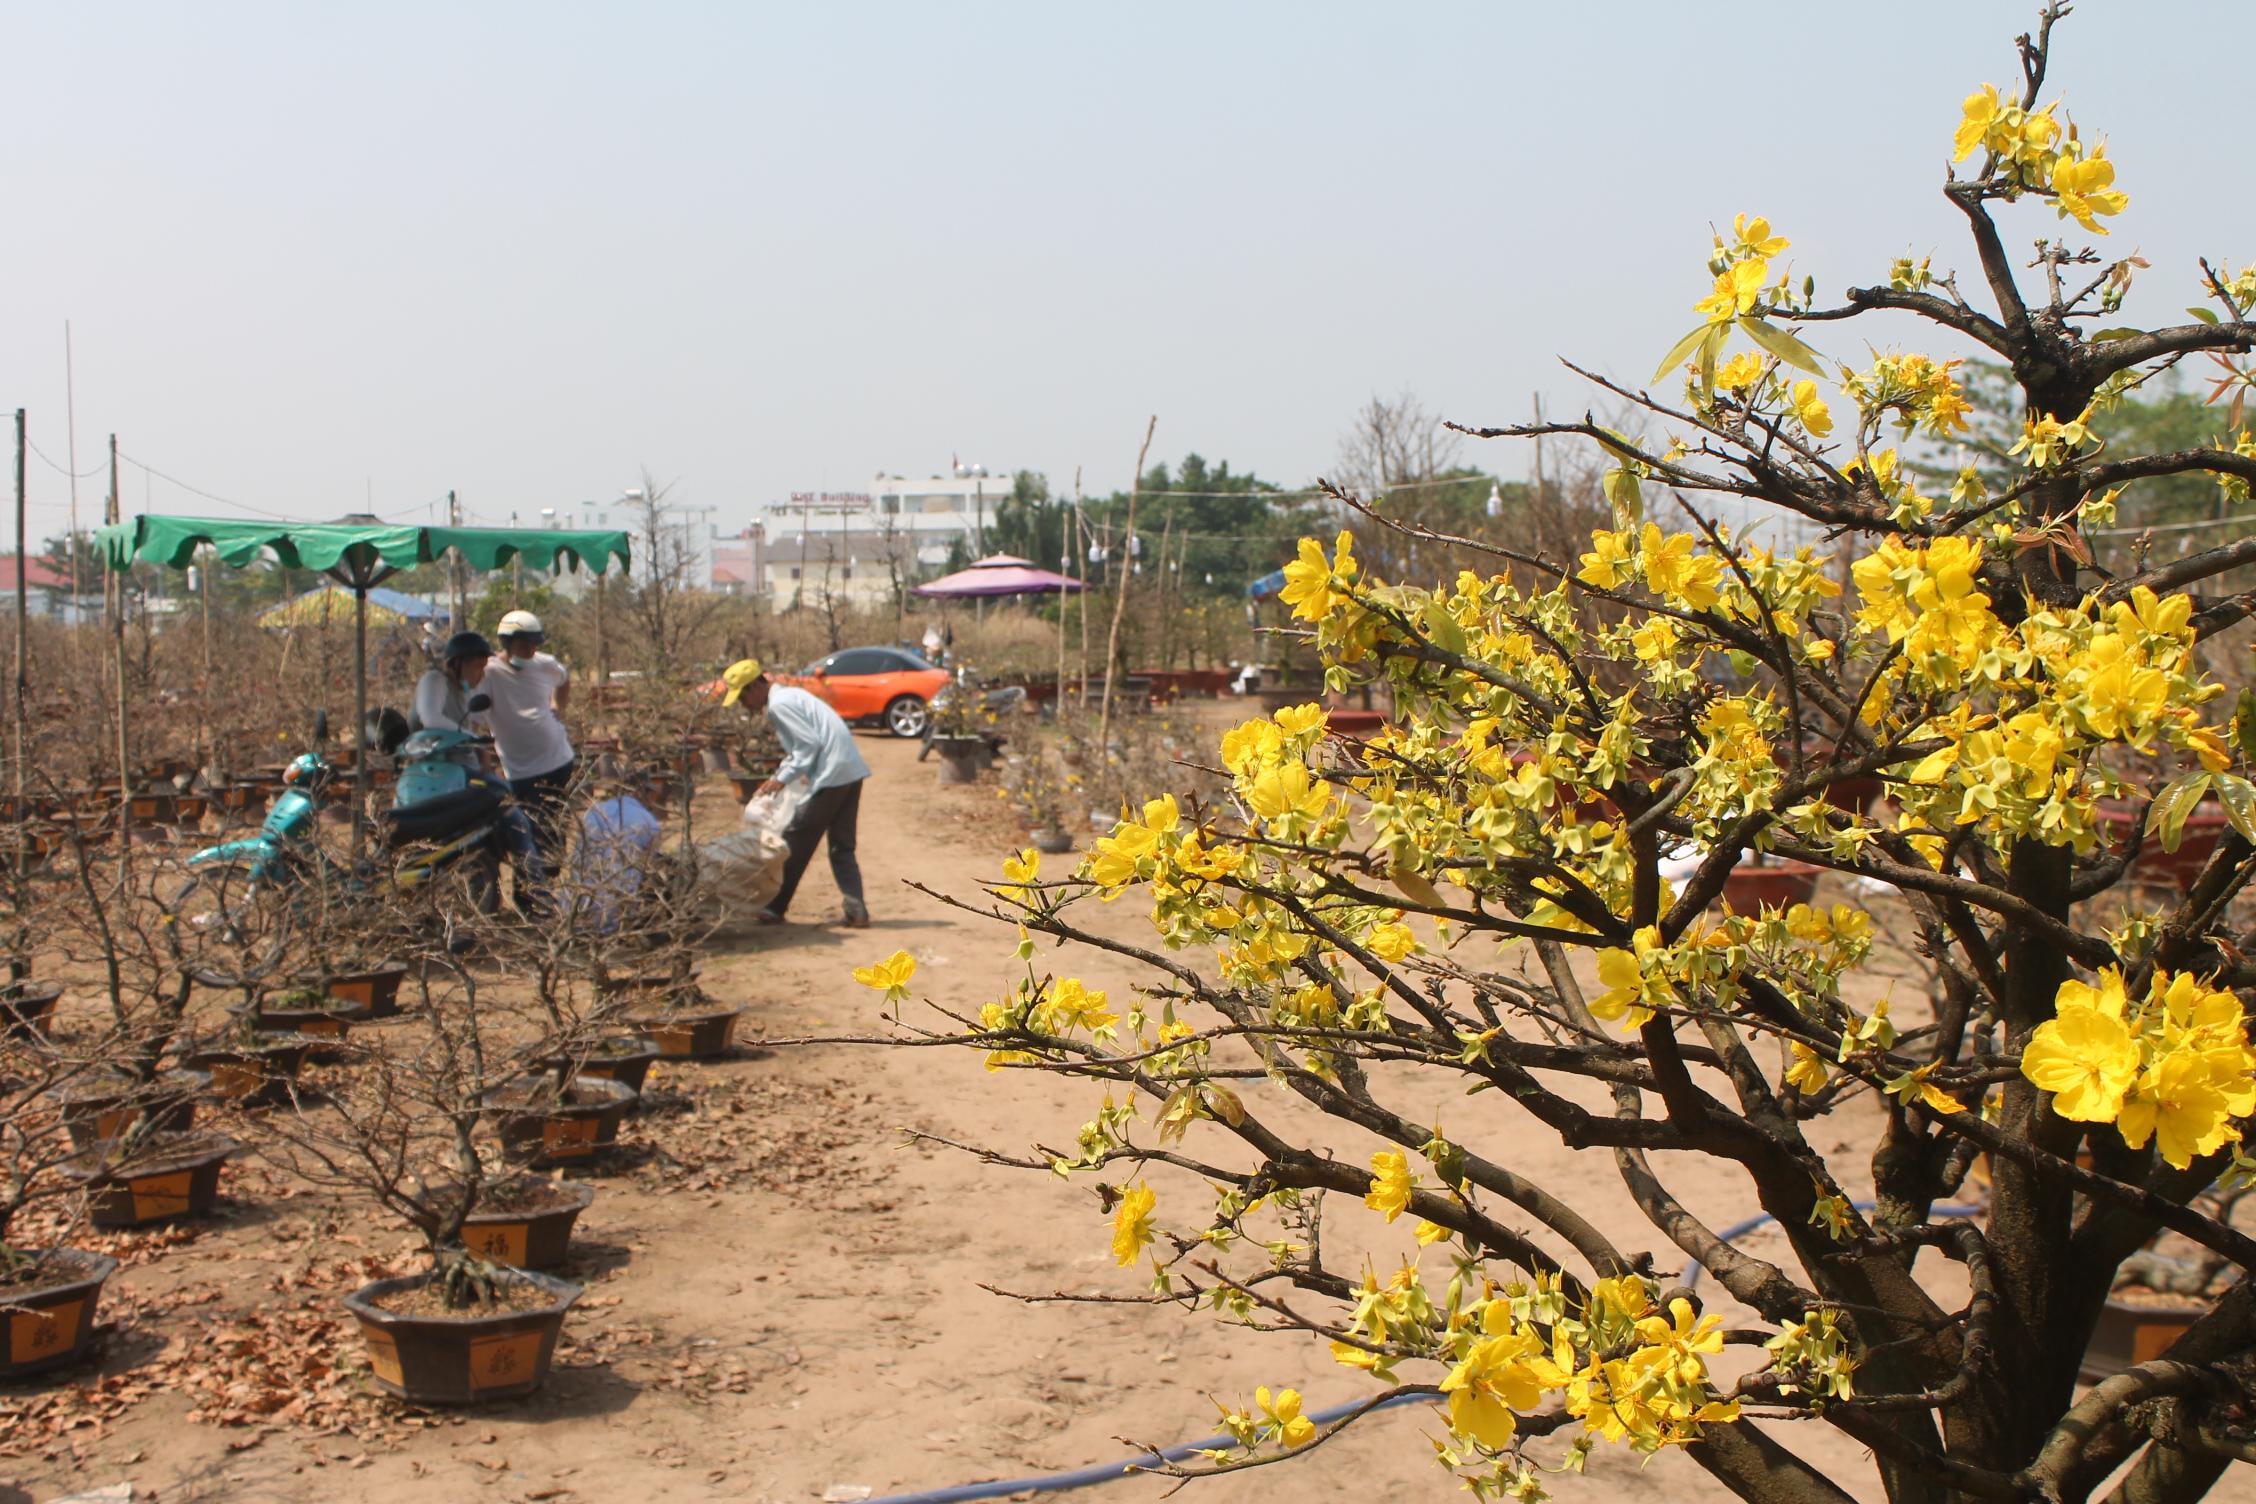 Gợi ý các địa chỉ bán hoa đào, hoa mai ngày Tết ở hai miền Bắc - Nam - Ảnh 9.